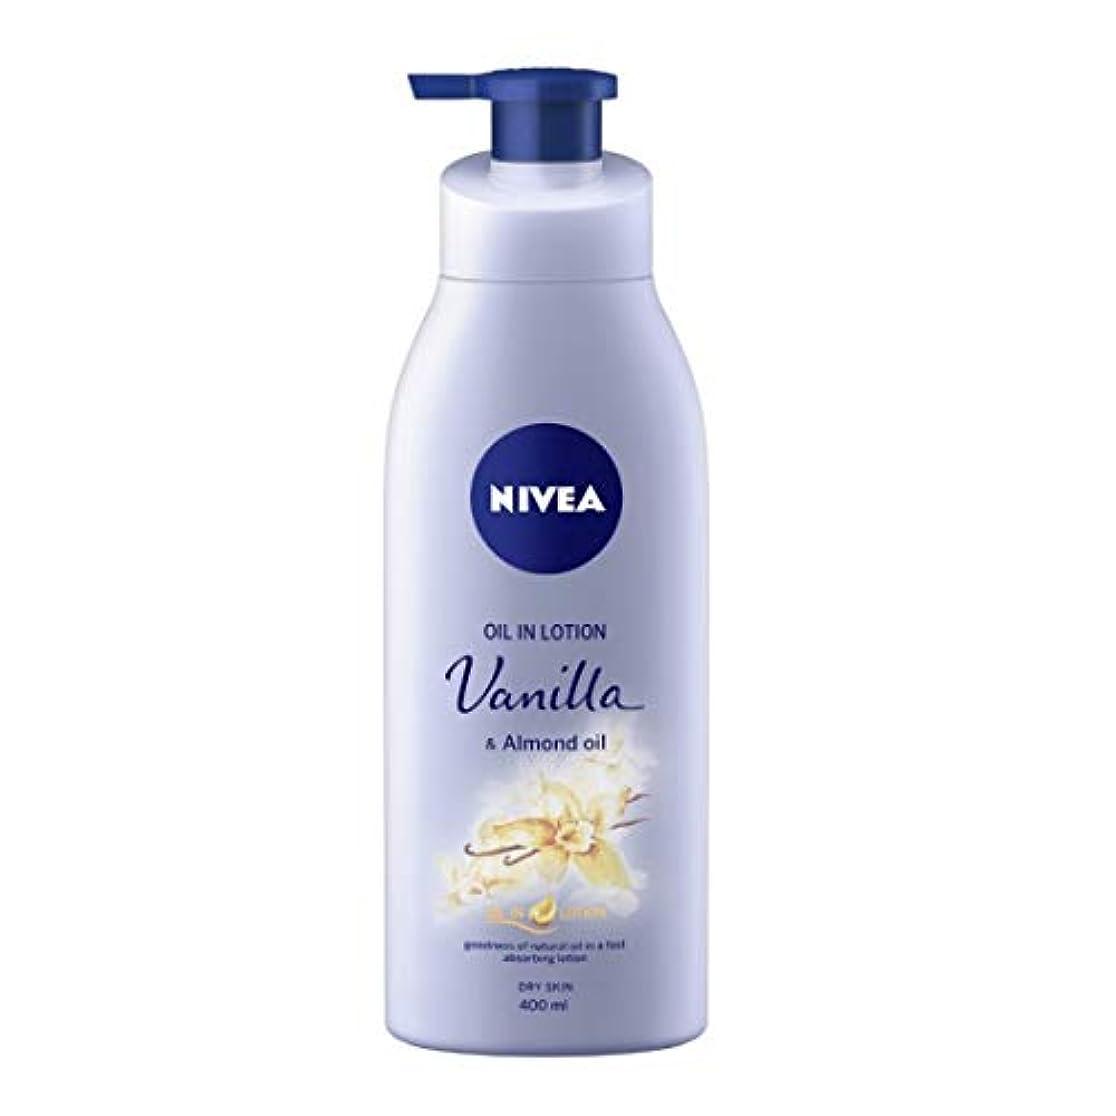 できた信頼性自明NIVEA Oil in Lotion, Vanilla and Almond Oil, 400ml